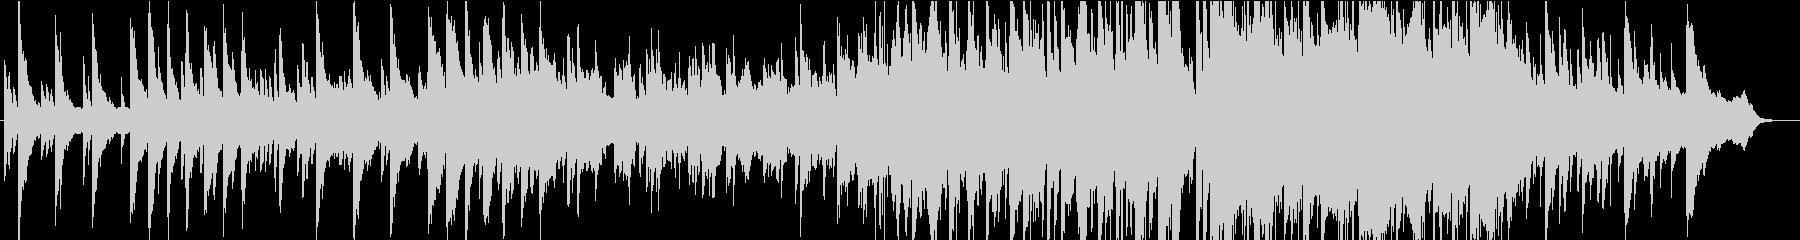 メロディのきれいな憂いのあるピアノ曲の未再生の波形